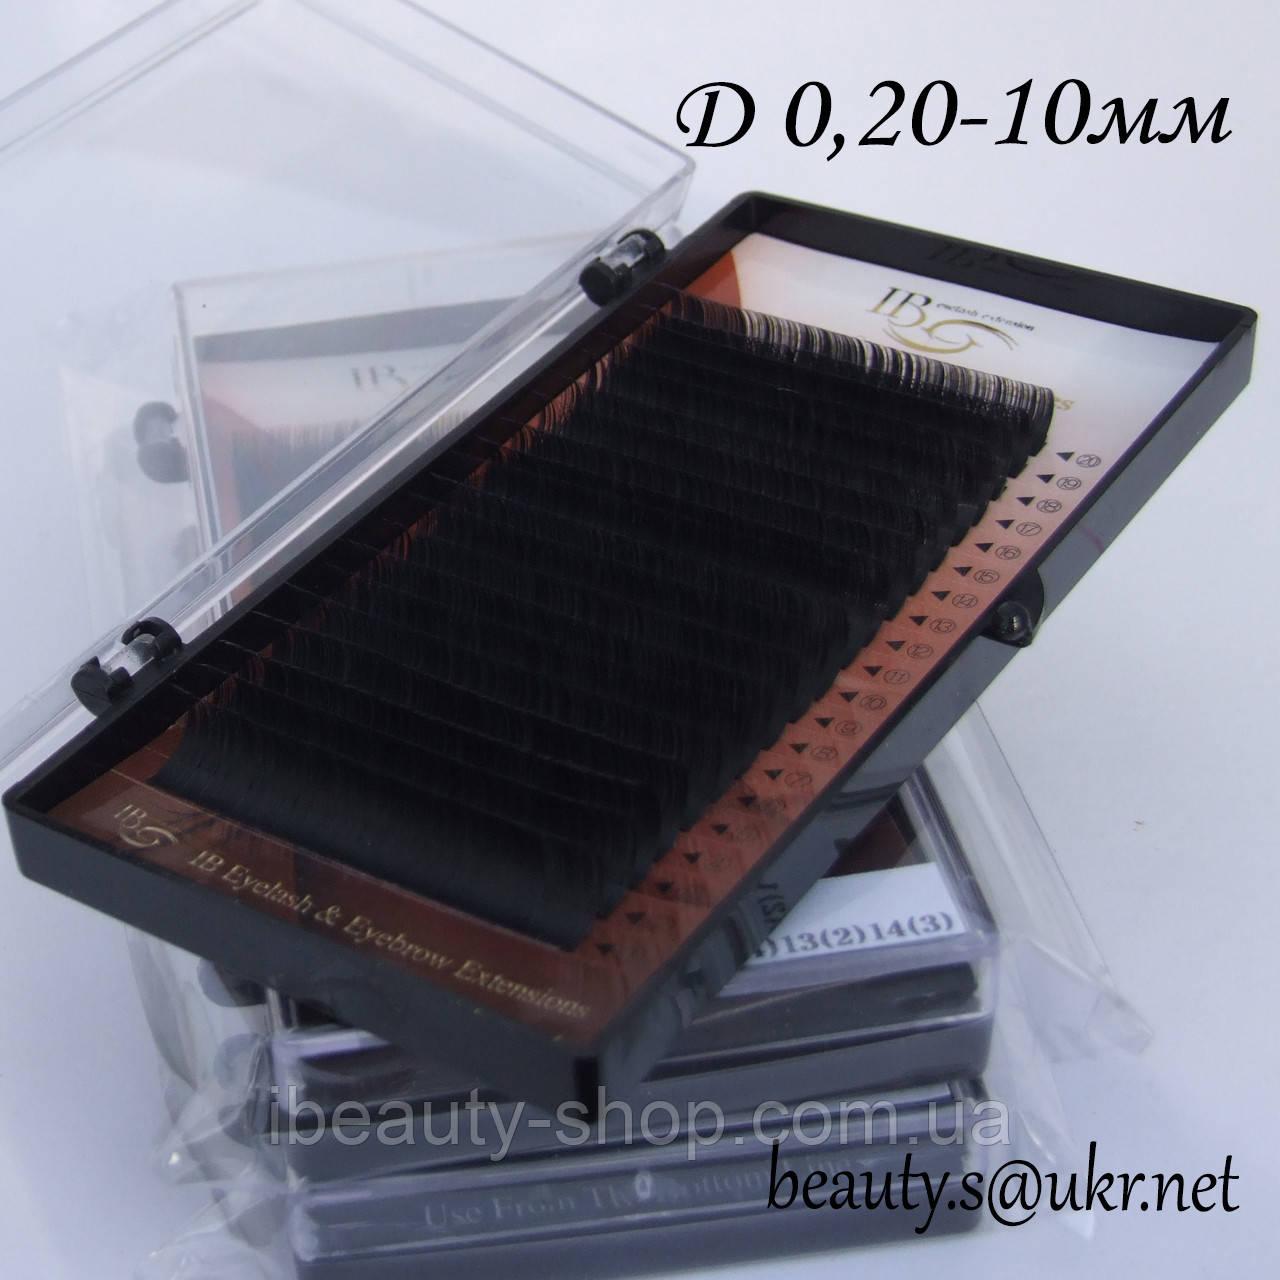 Вії I-Beauty на стрічці D-0,20 10мм